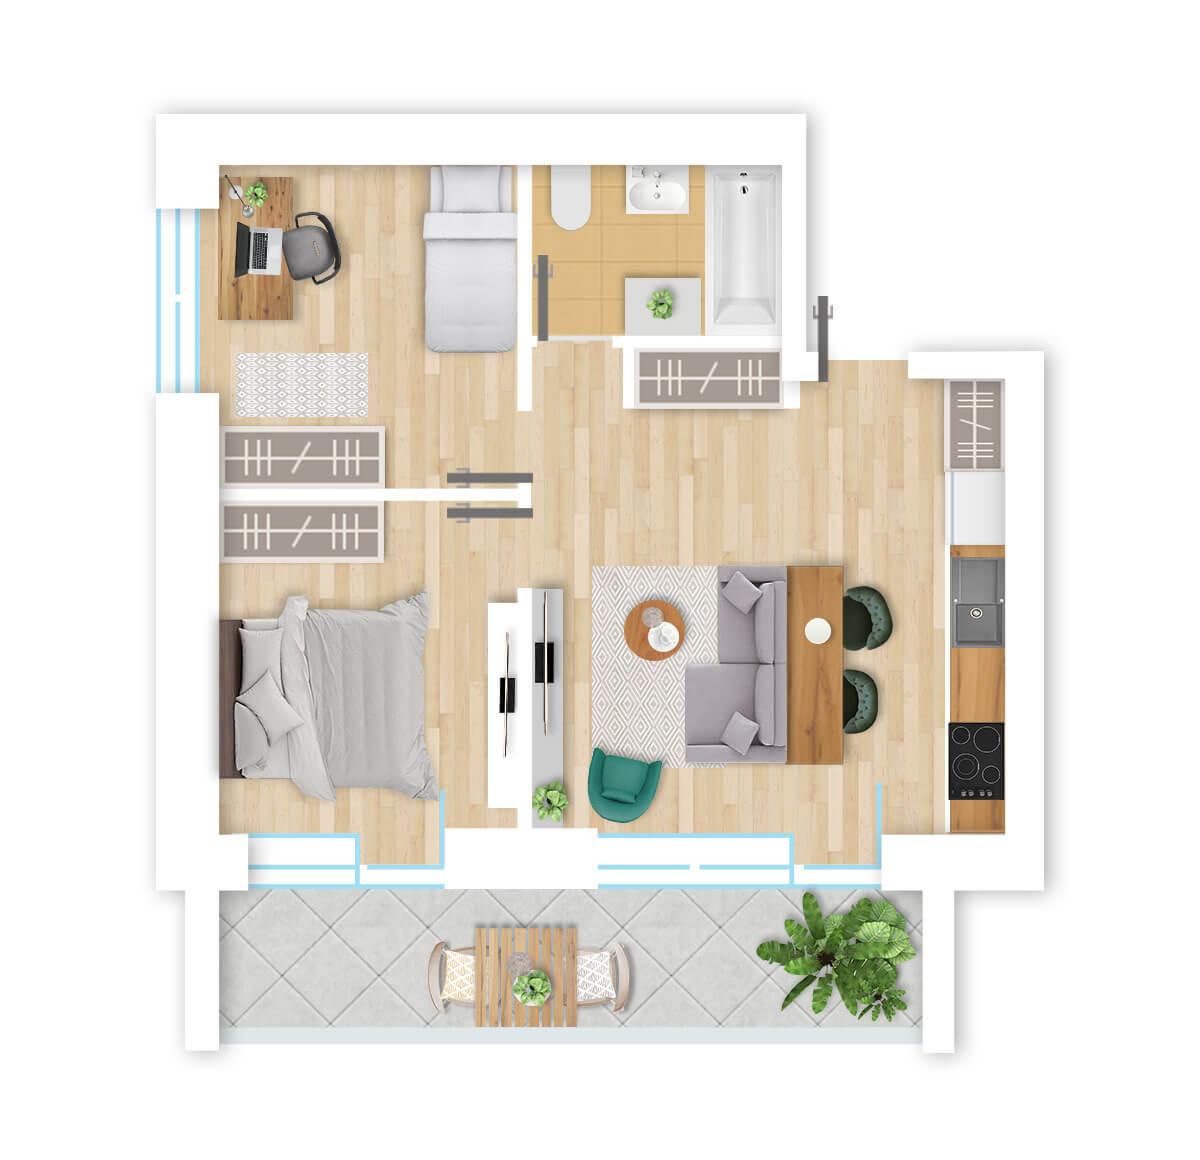 parduodamas butas Lazdynėlių g. 16A - 1 Vilniuje, buto 3D vaizdas